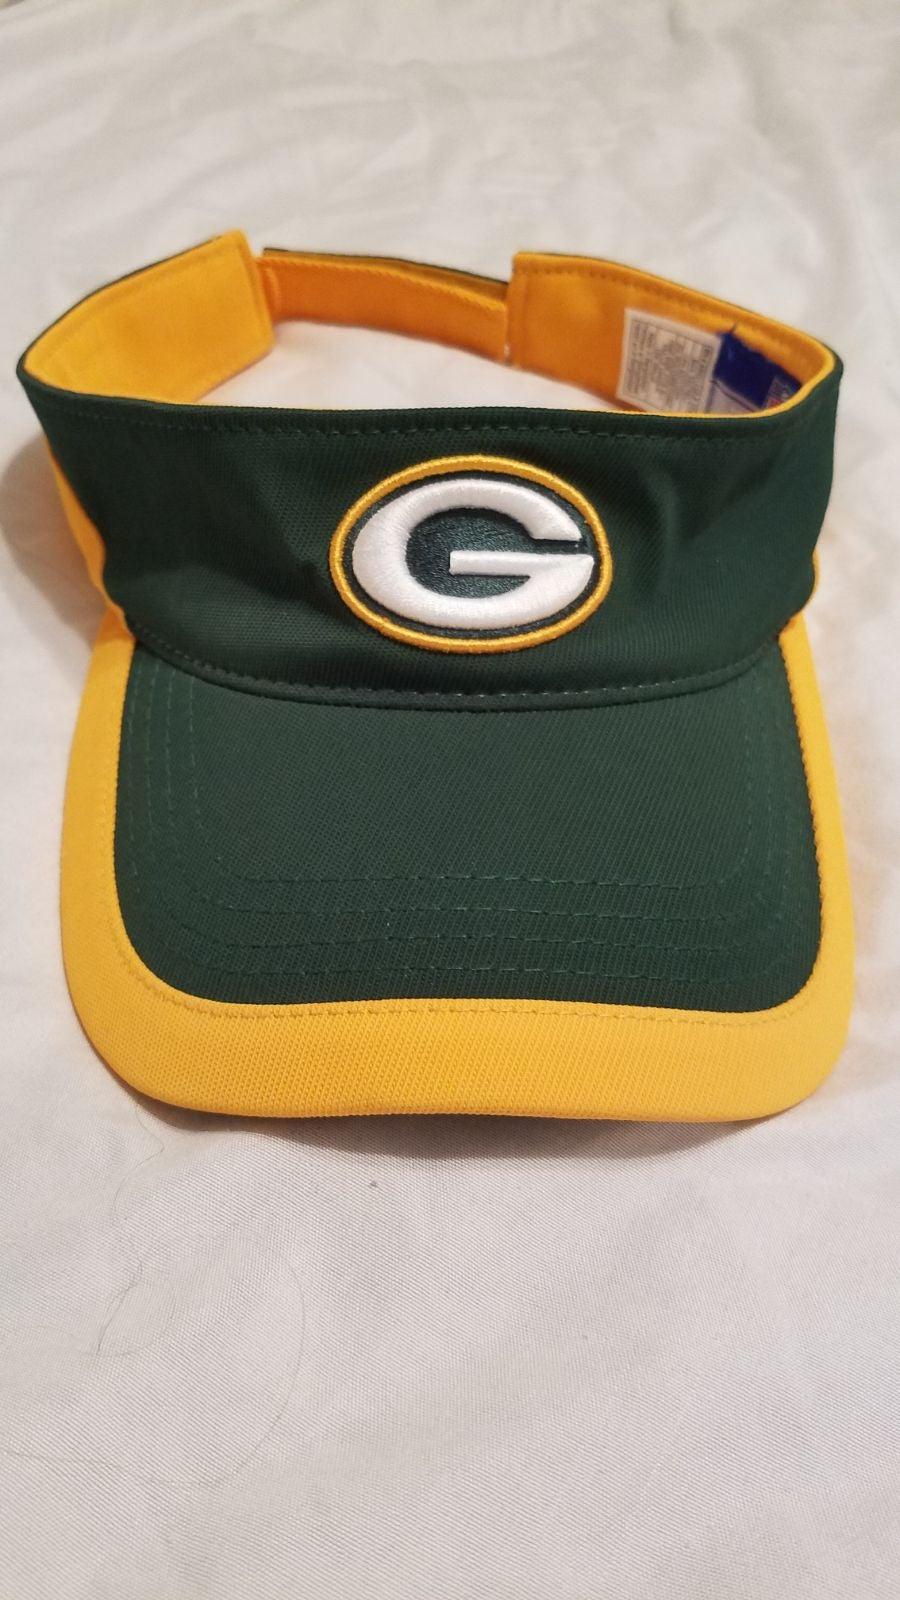 Green Bay Packers visor